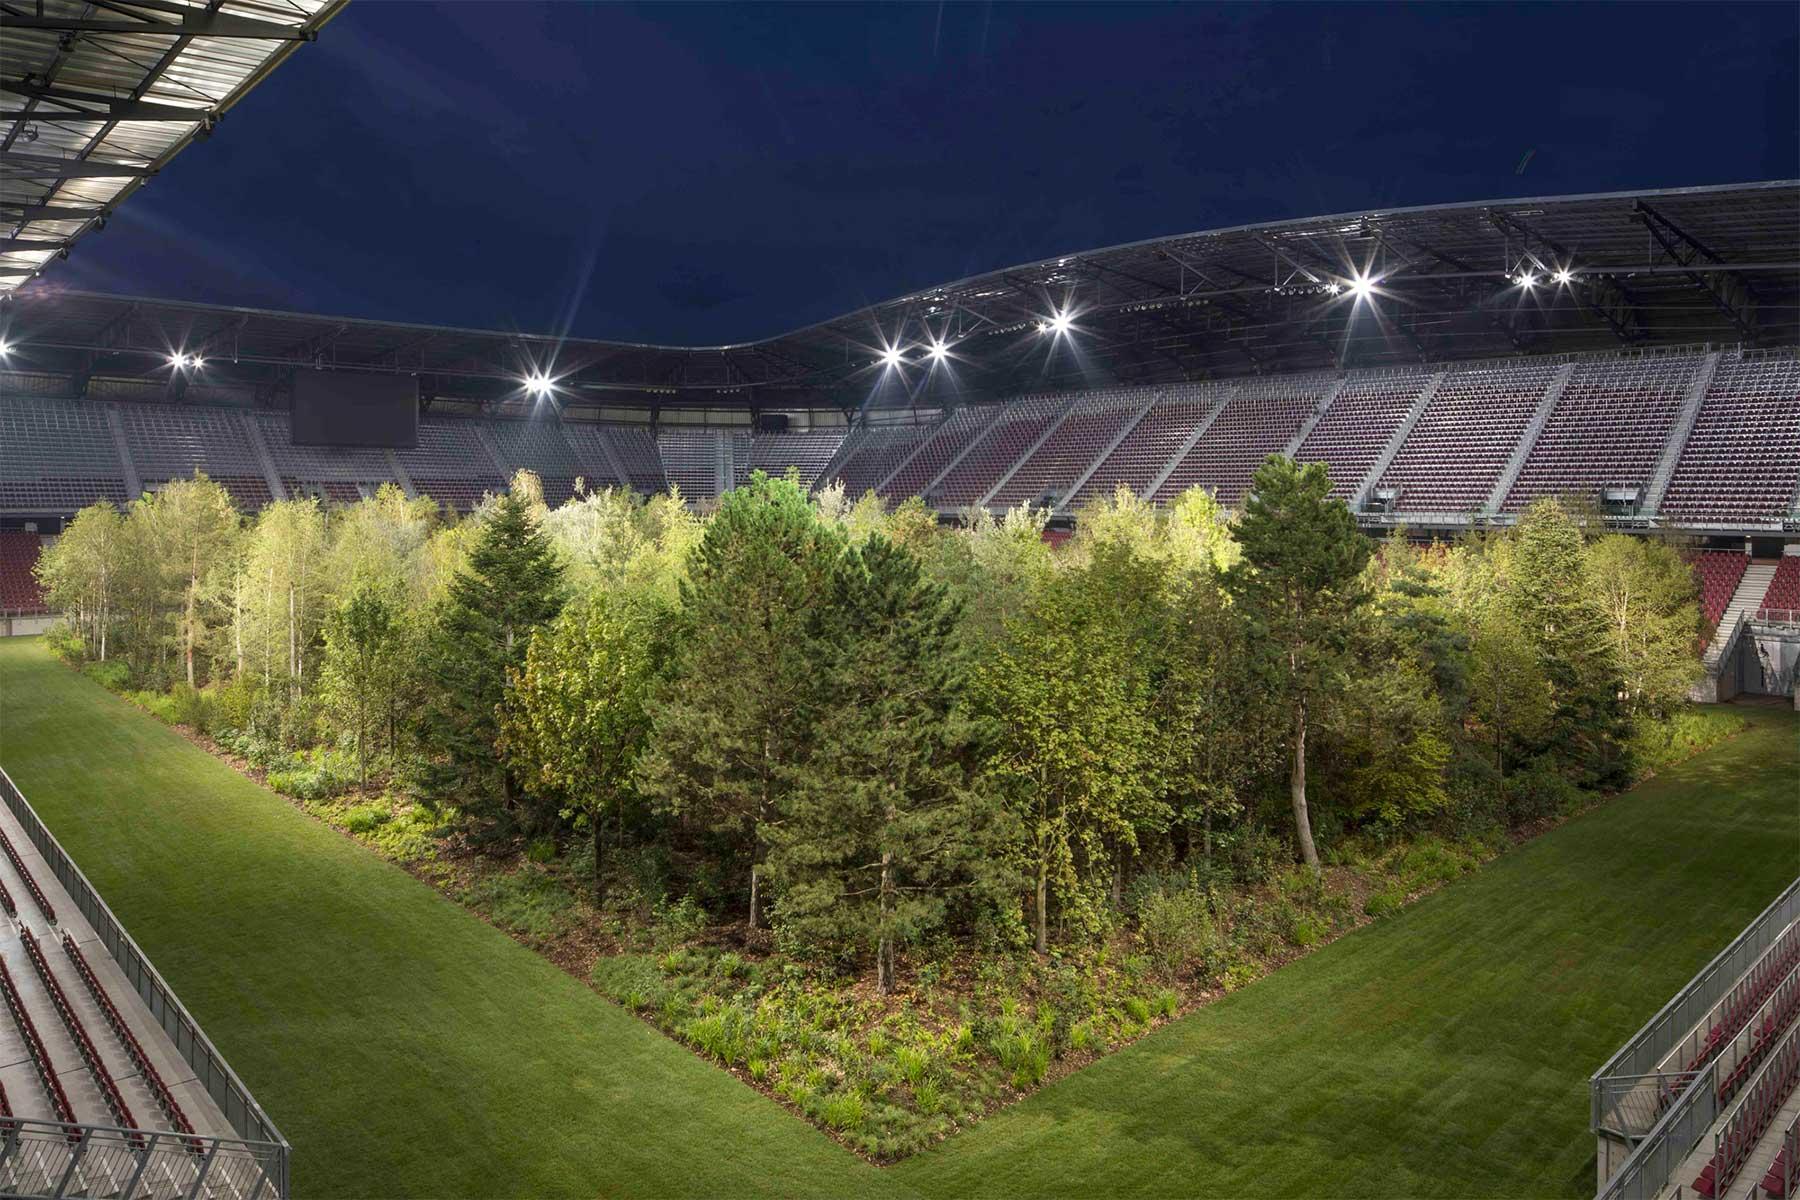 Ein Fußballstadion voller Bäume stadion-voller-baume-mit-wald_03